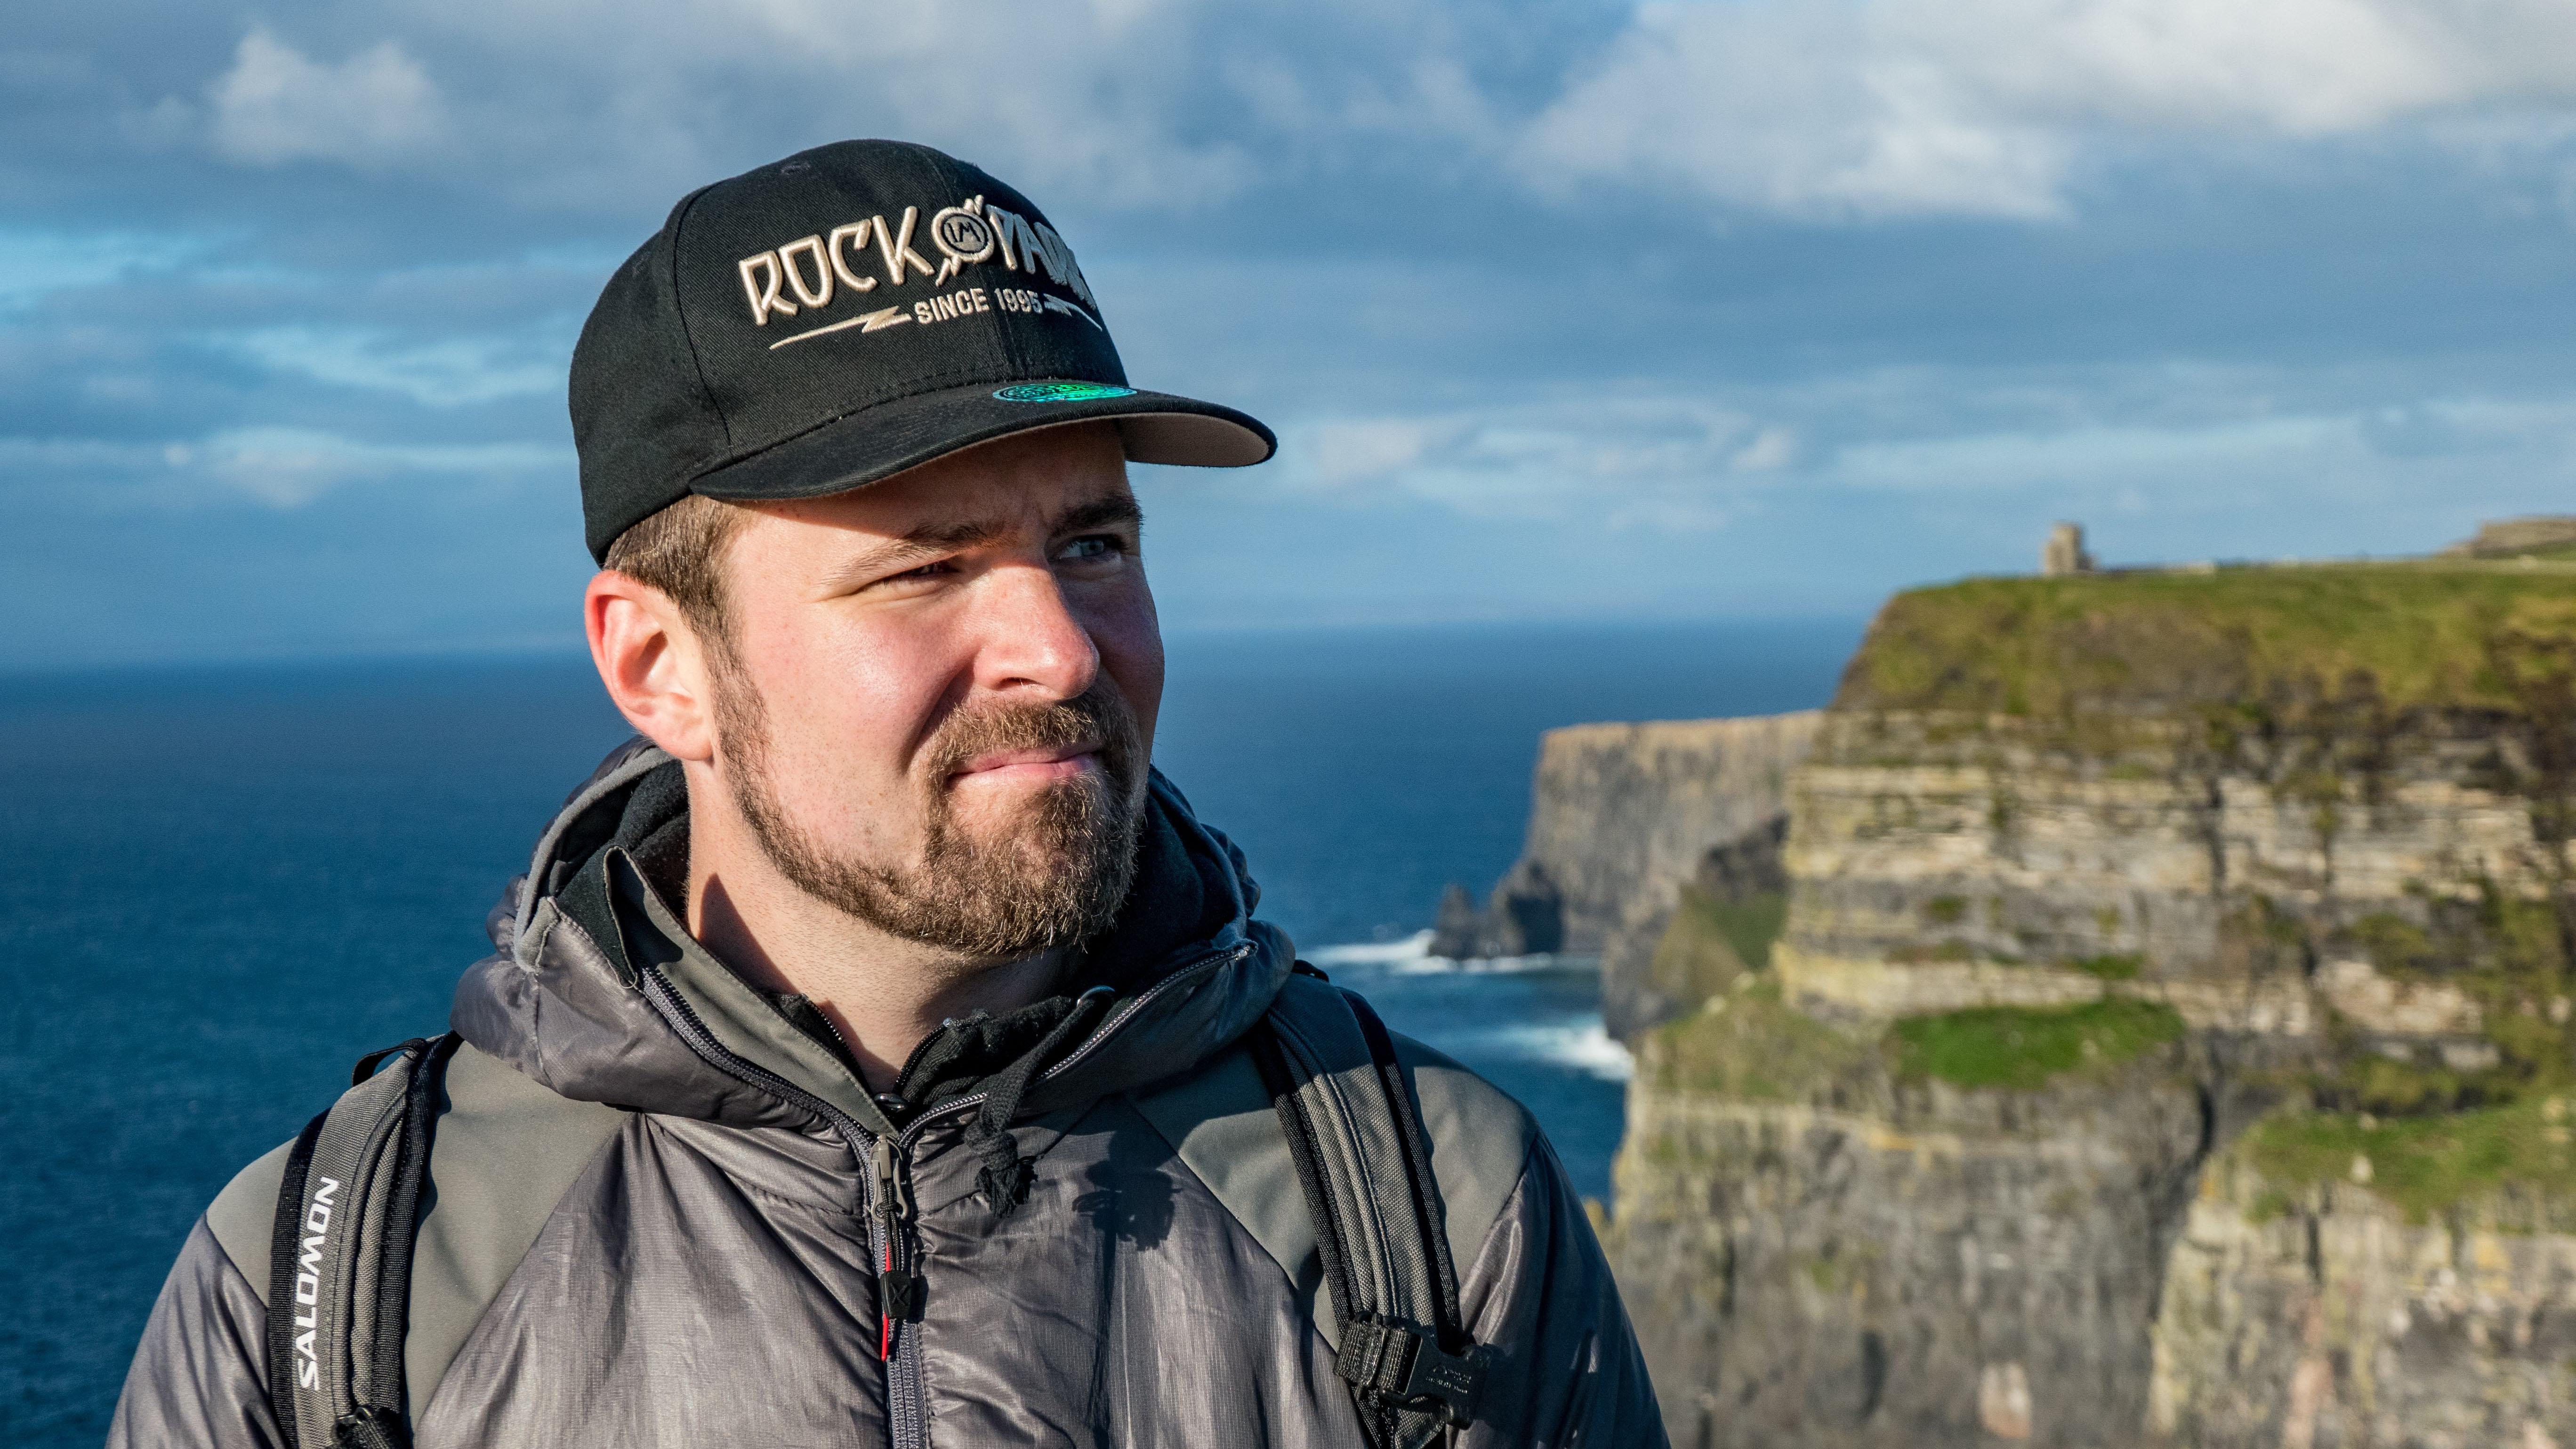 Intervju med tillgänglighetsexperten och webbutvecklaren Erik Gustafsson